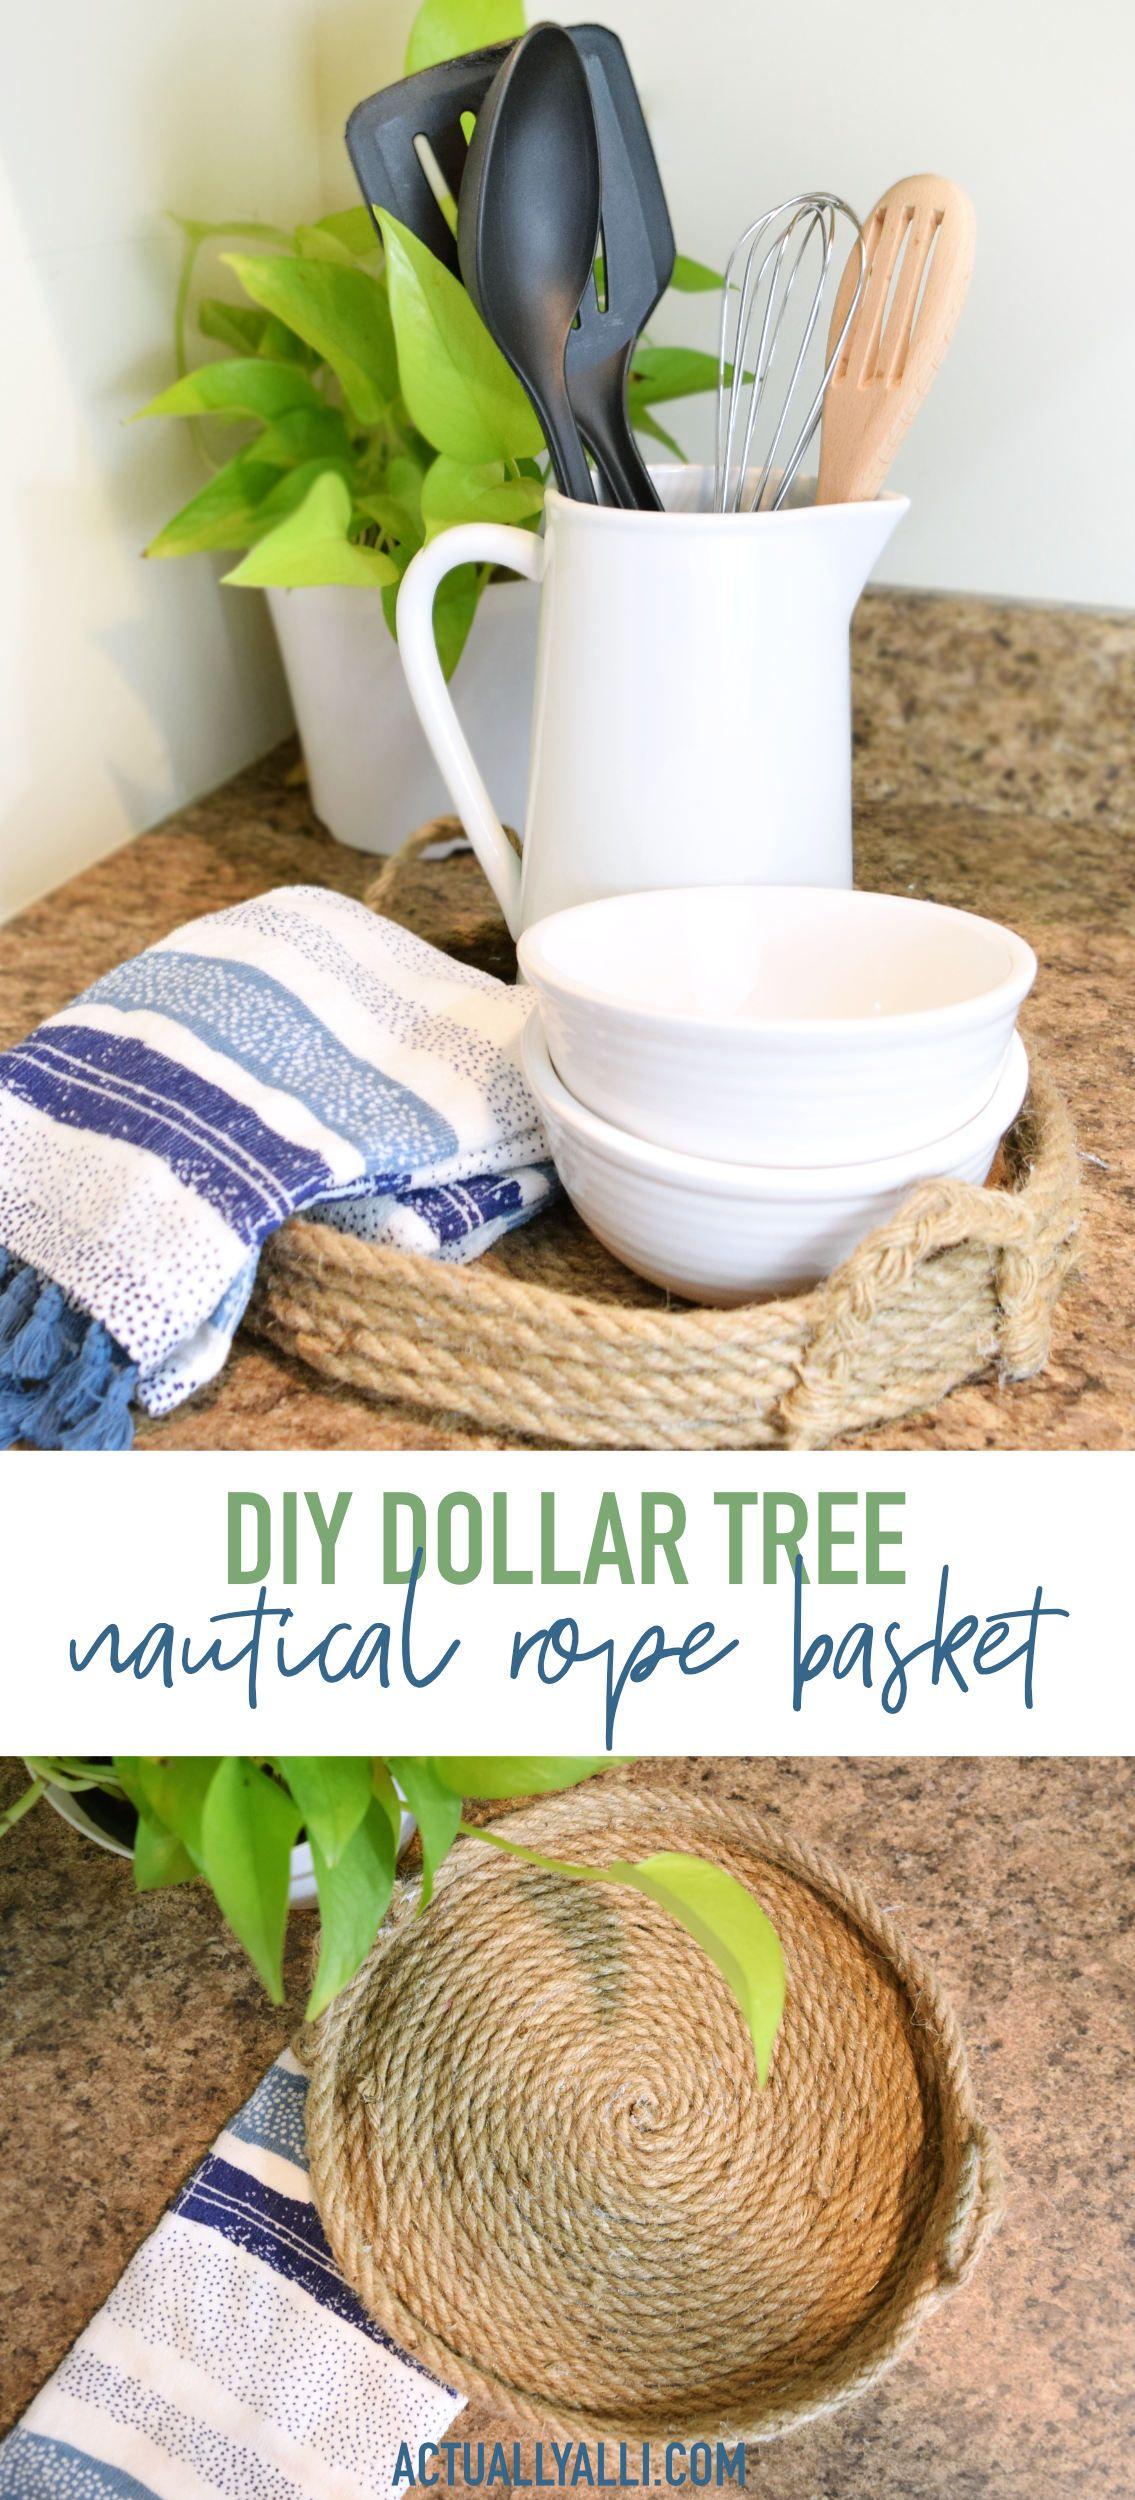 Diy farmhouseinspired dollar tree decor actually alli